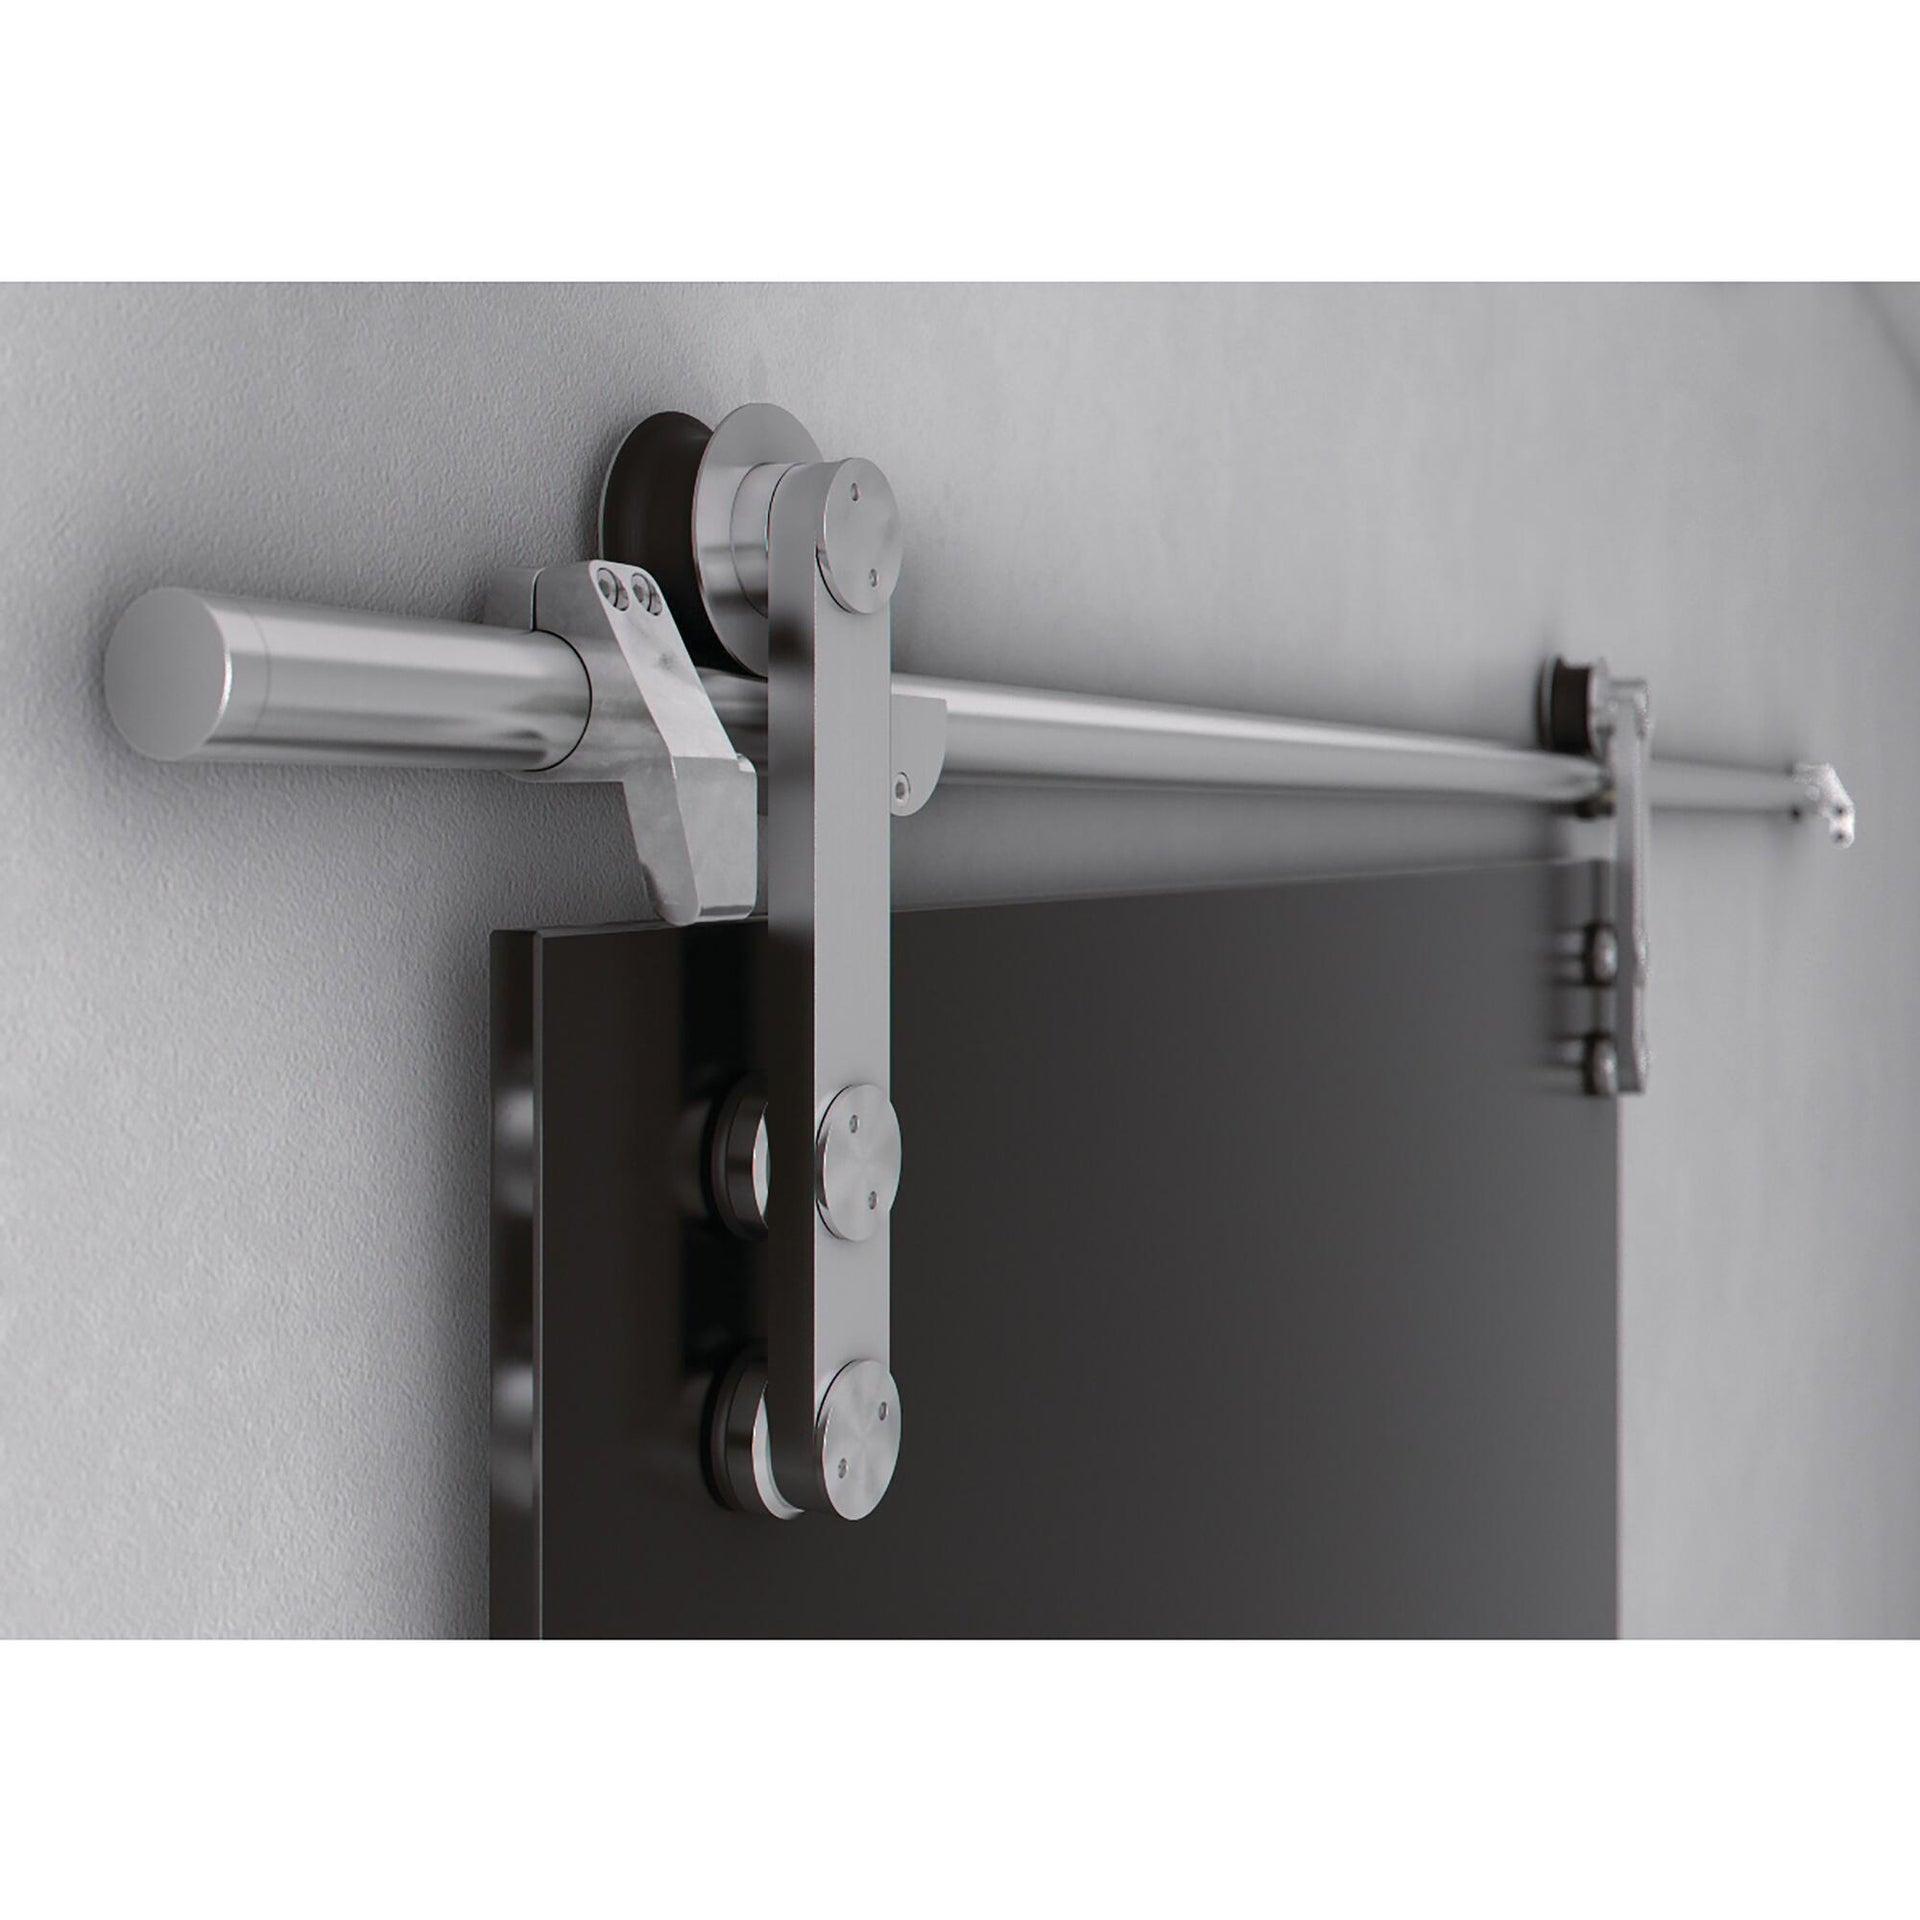 Binario per porta scorrevole Lux grigio L 2 m - 1